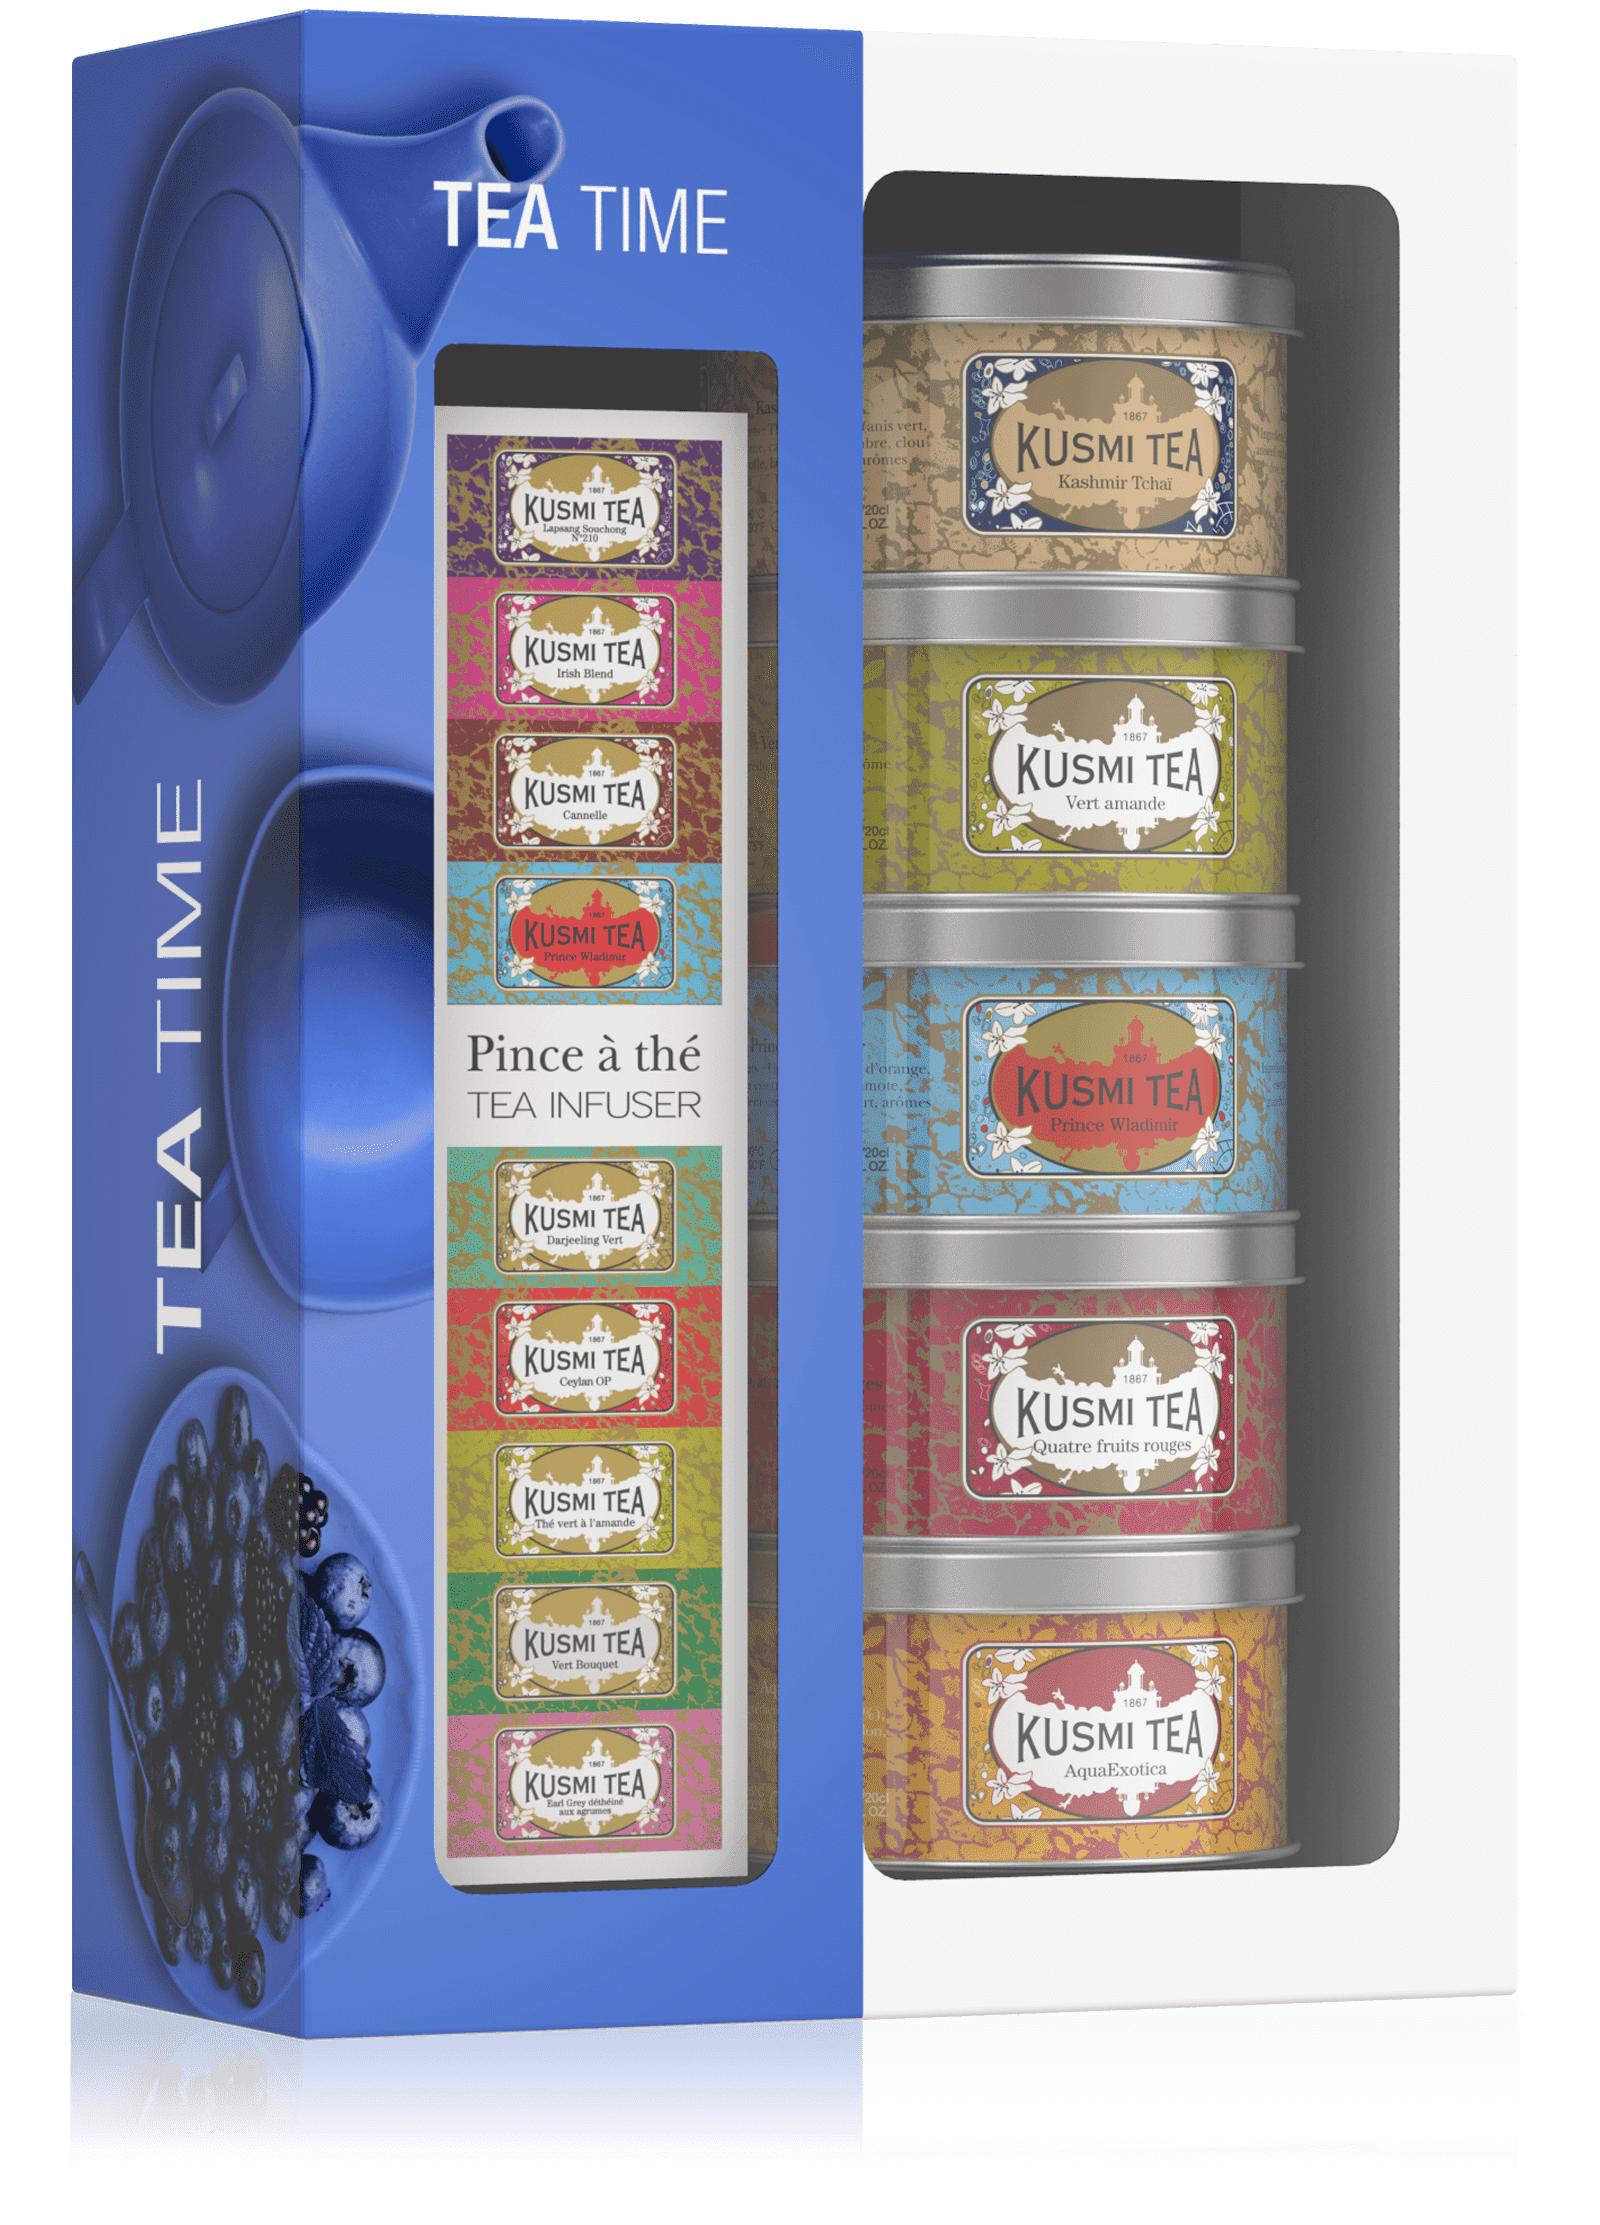 KUSMI TEA Coffret Tea Time avec une pince à thé  Thé noir  Kusmi Tea